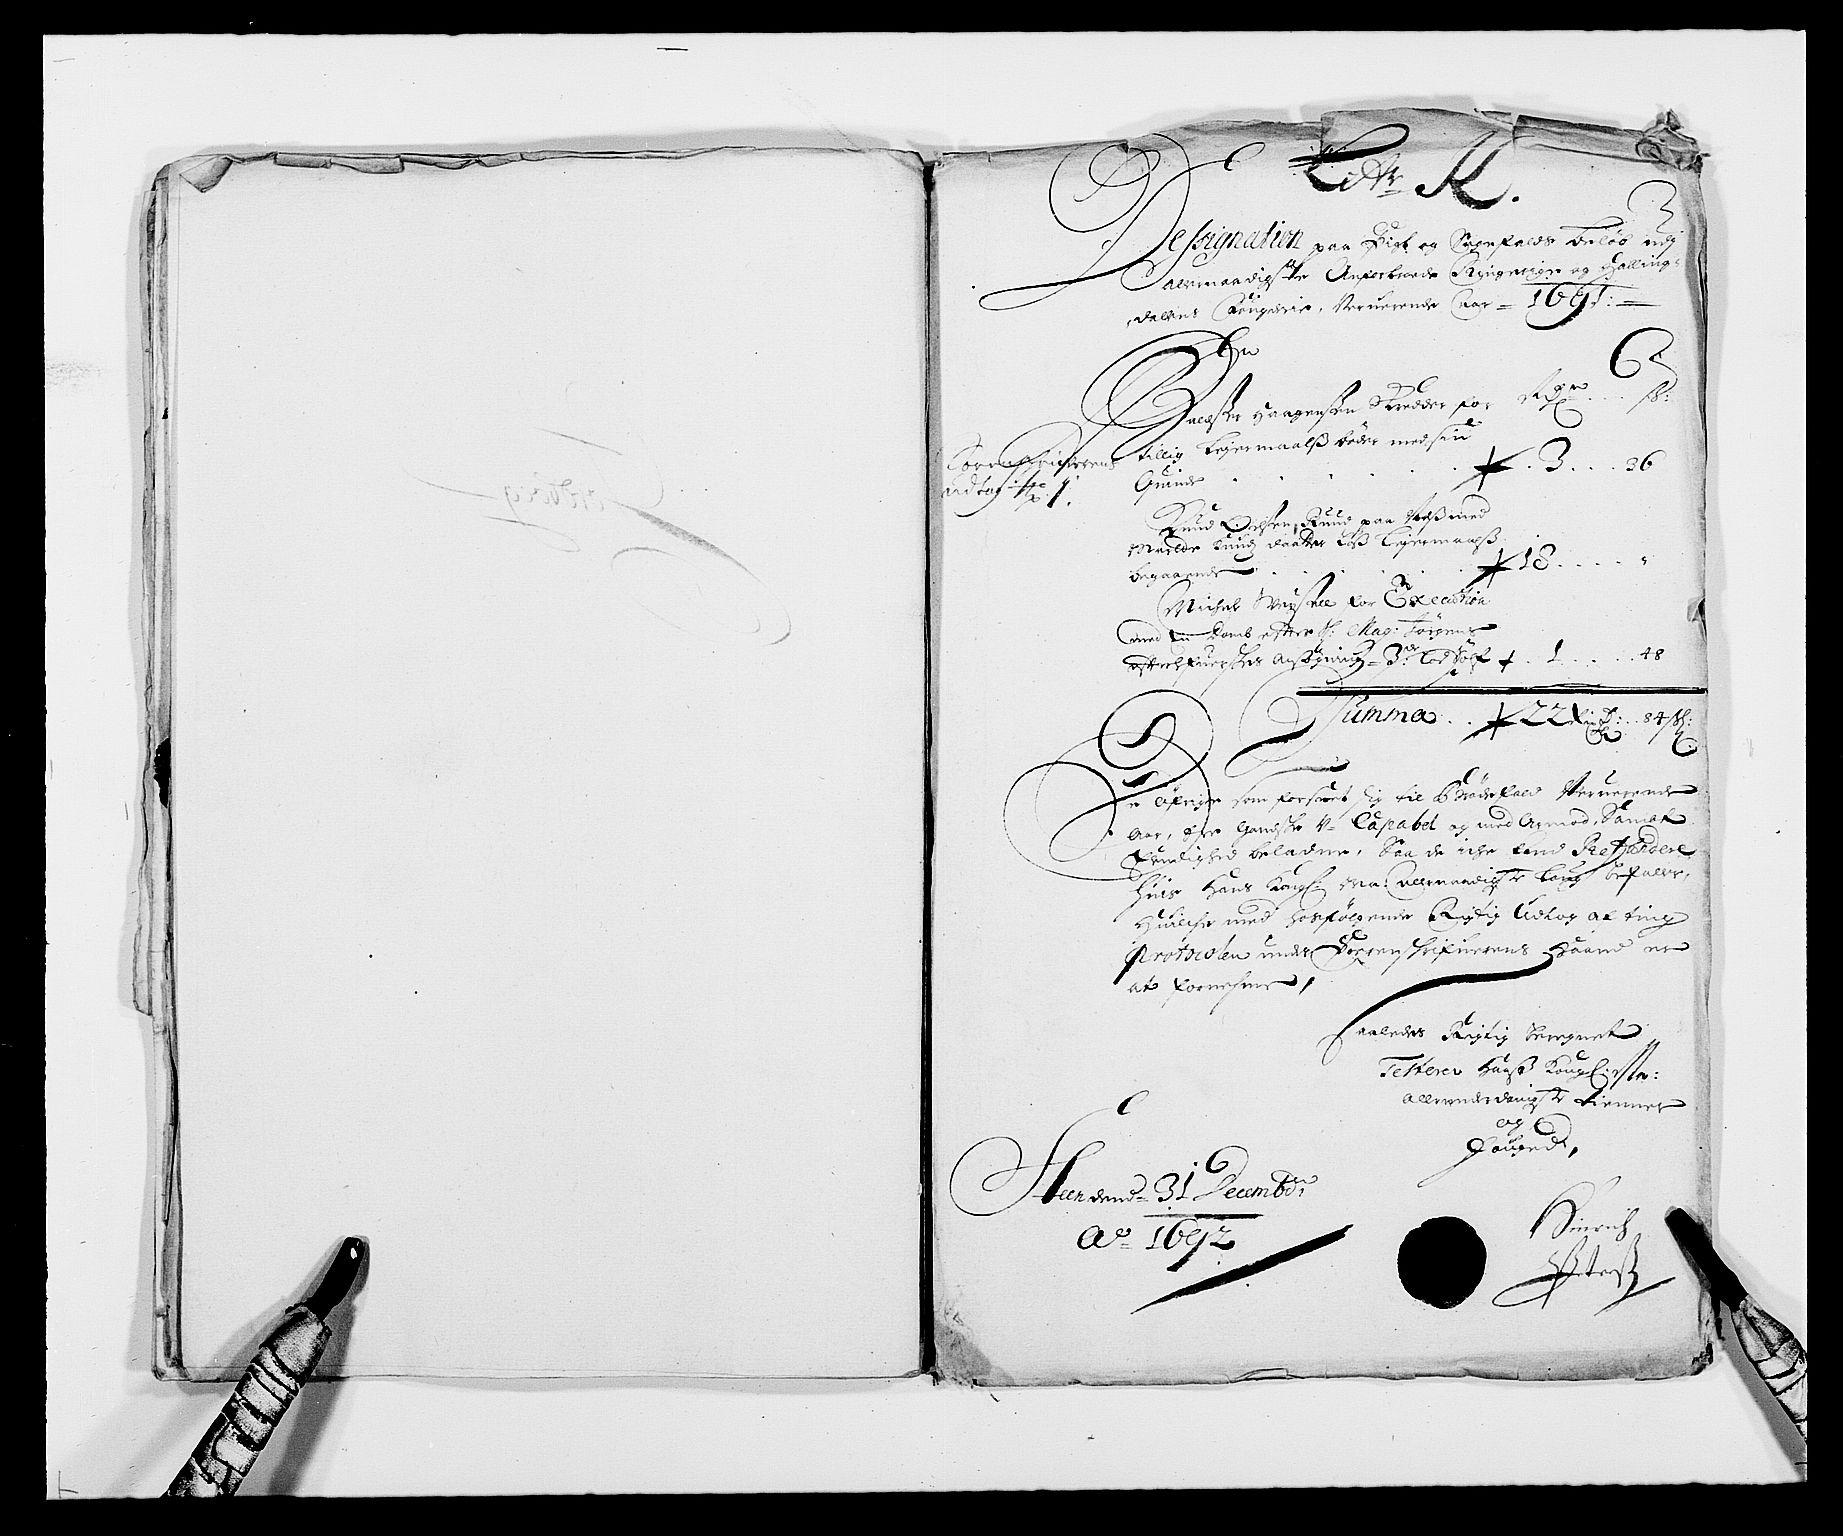 RA, Rentekammeret inntil 1814, Reviderte regnskaper, Fogderegnskap, R21/L1448: Fogderegnskap Ringerike og Hallingdal, 1690-1692, s. 170